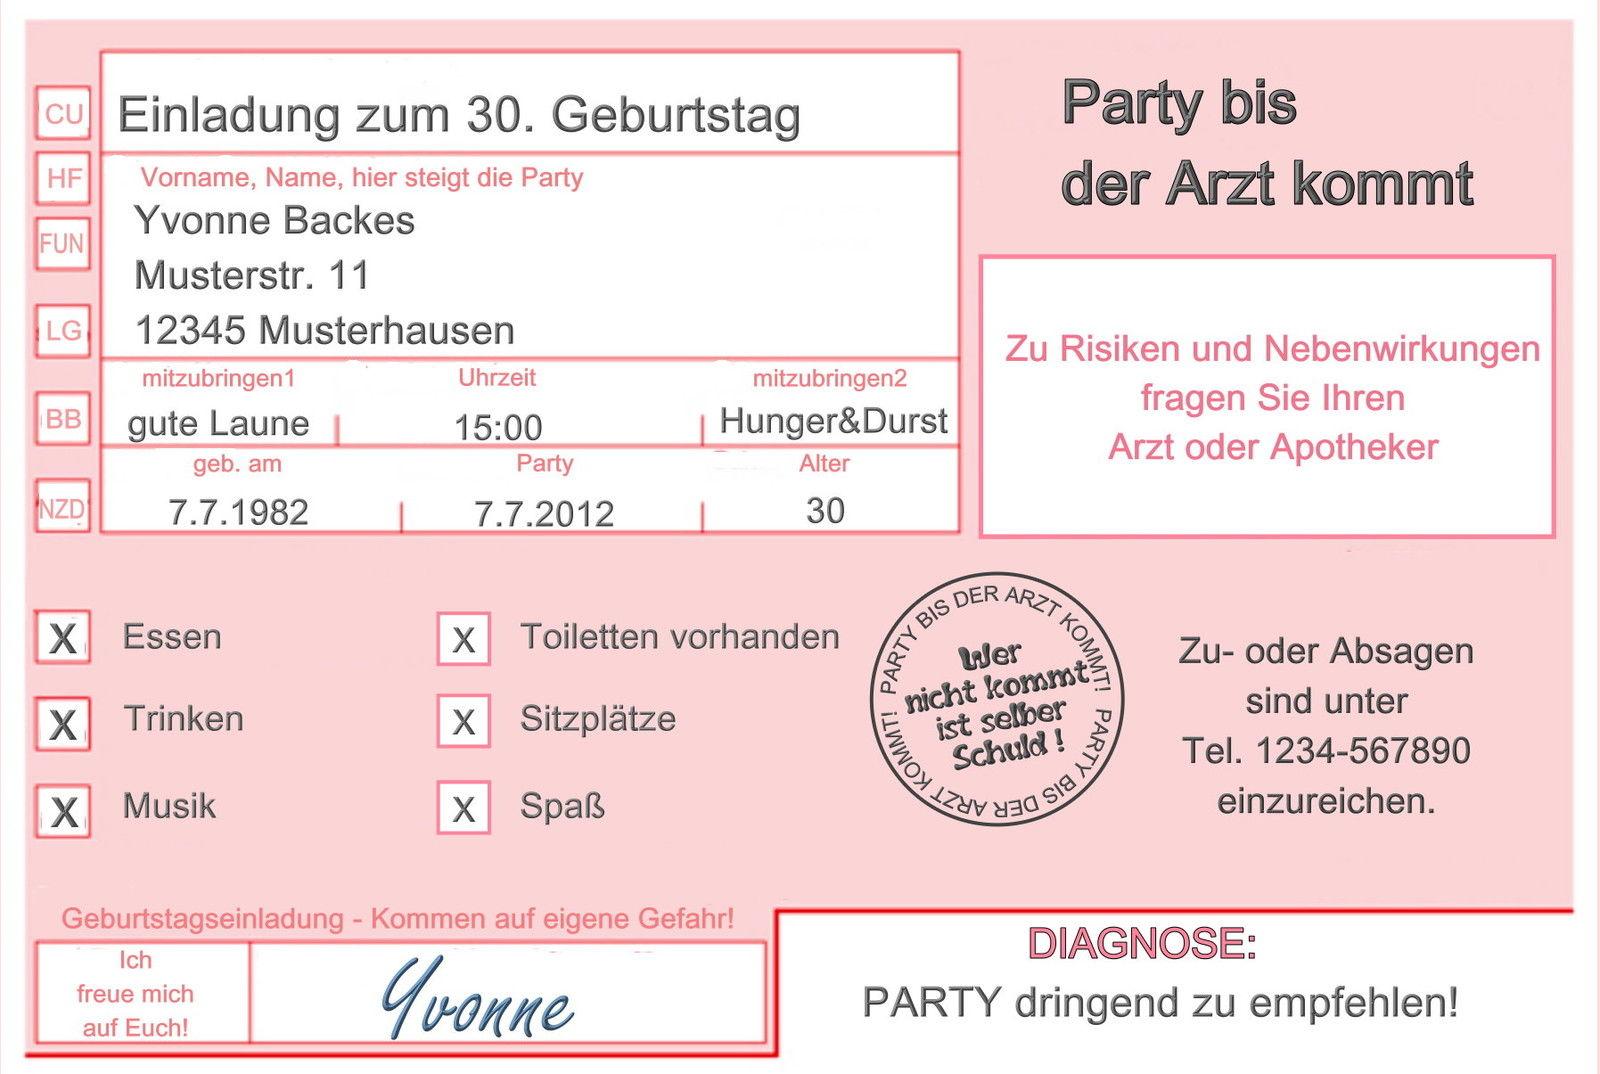 Einladungssprüche 30 Geburtstag | Bnbnews.co, Kreative Einladungen